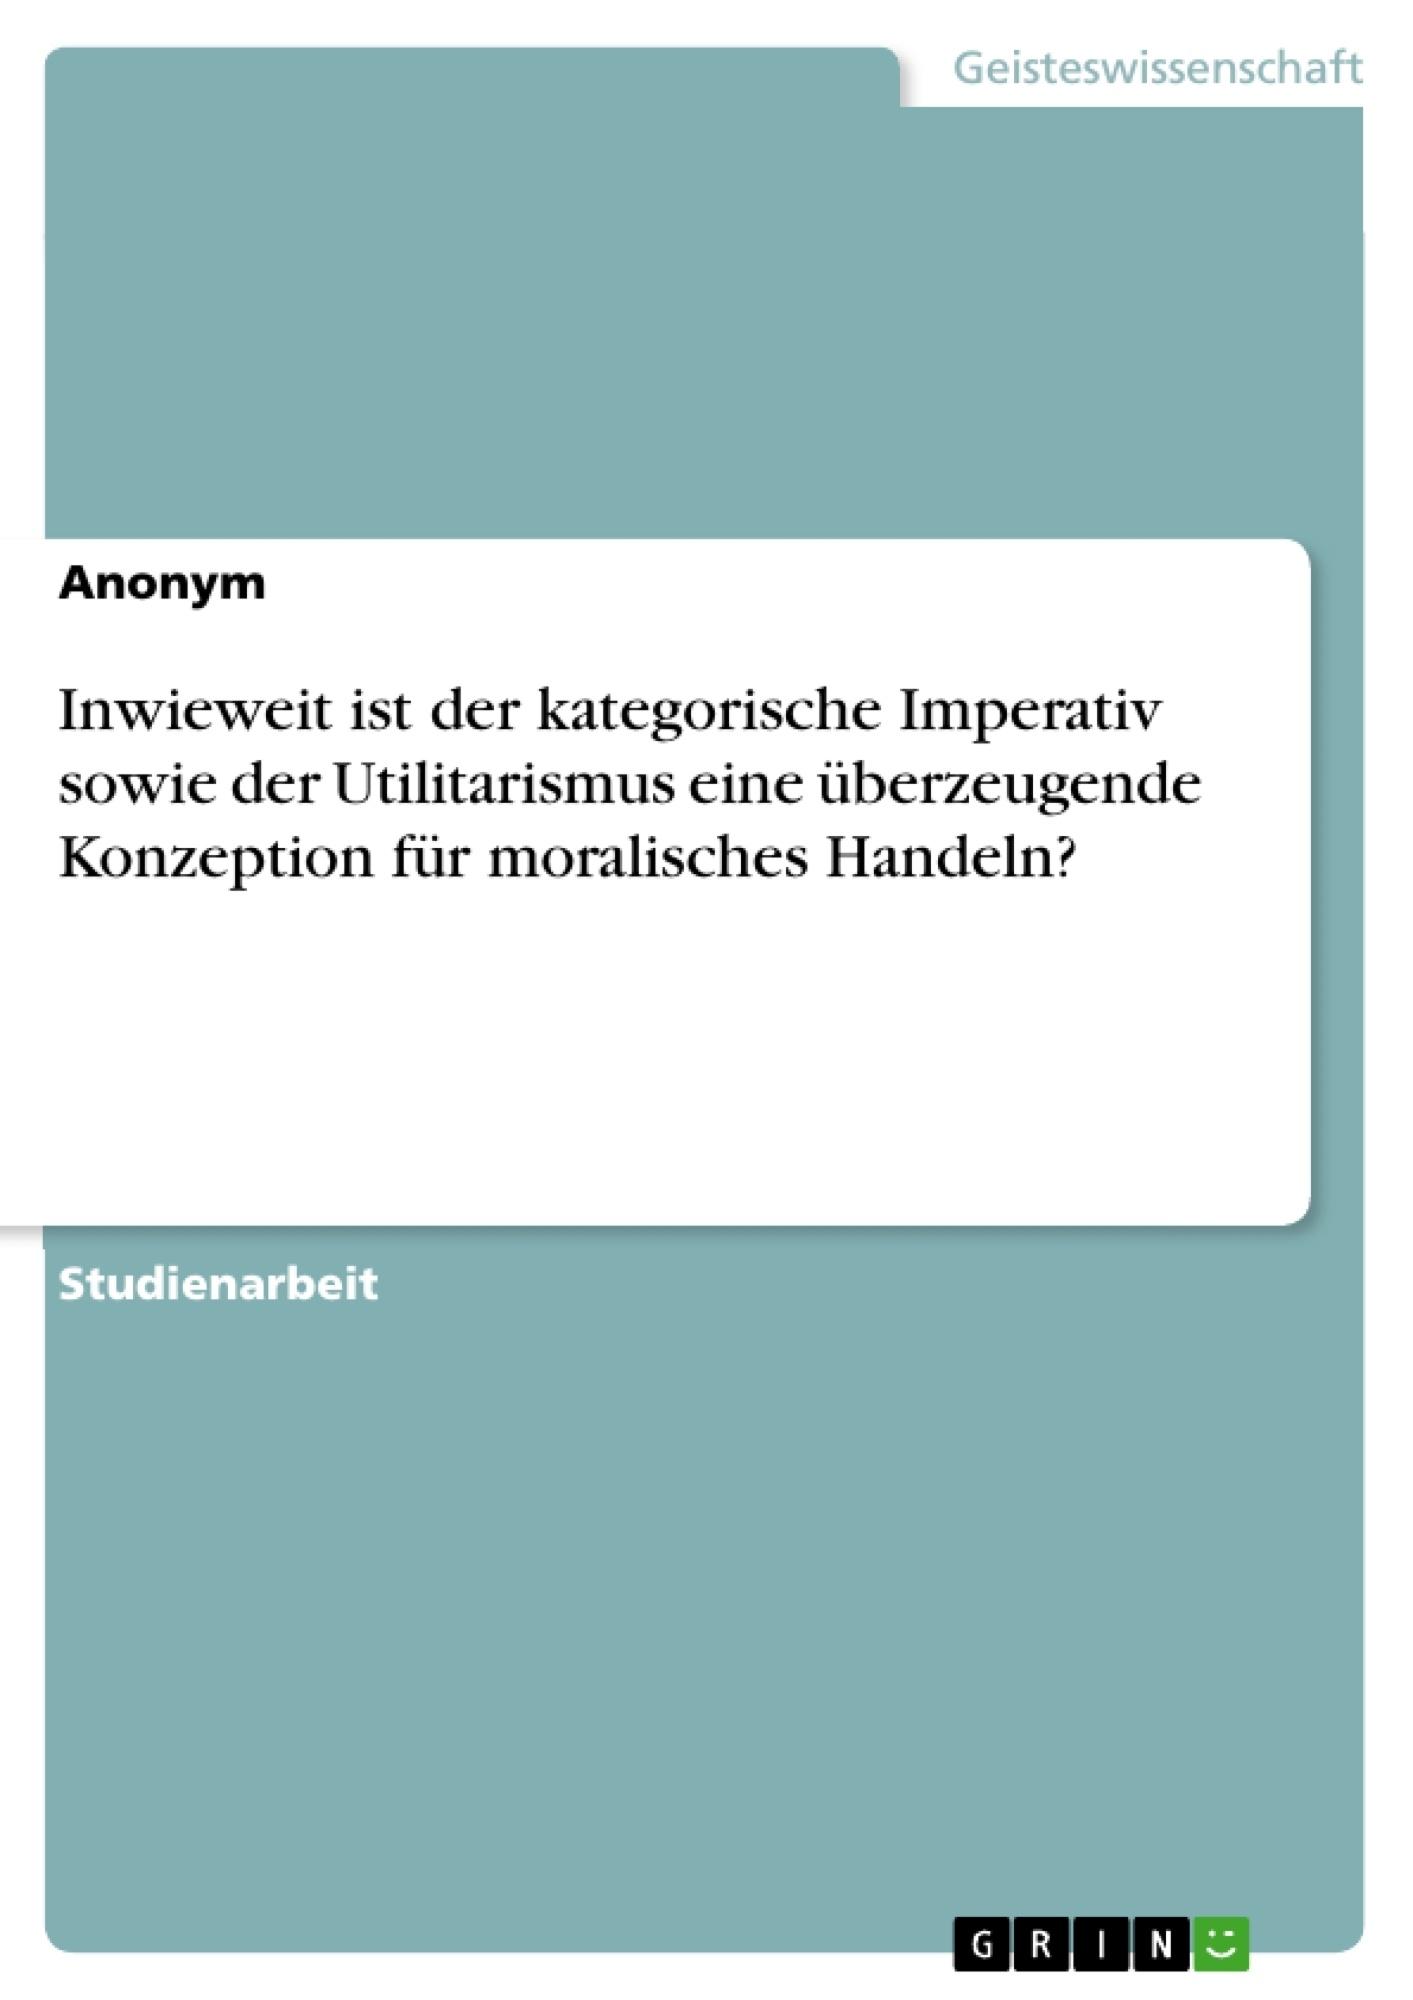 Titel: Inwieweit ist der kategorische Imperativ sowie der Utilitarismus eine überzeugende Konzeption für moralisches Handeln?